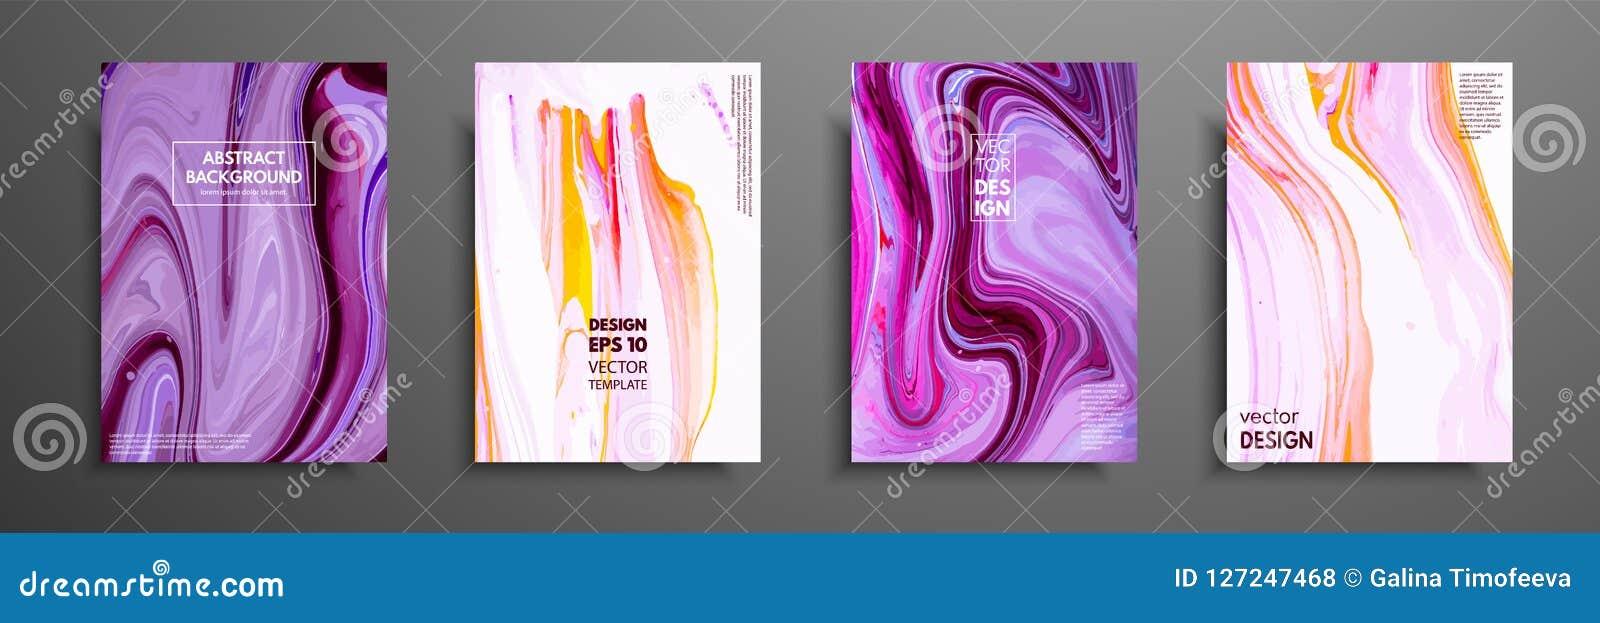 Μίγμα ακρυλικών χρωμάτων σύγχρονο έργο τέχνης Καθιερώνον τη μόδα σχέδιο Μαρμάρινη ζωγραφική επίδρασης Γραφικό συρμένο χέρι σχέδιο